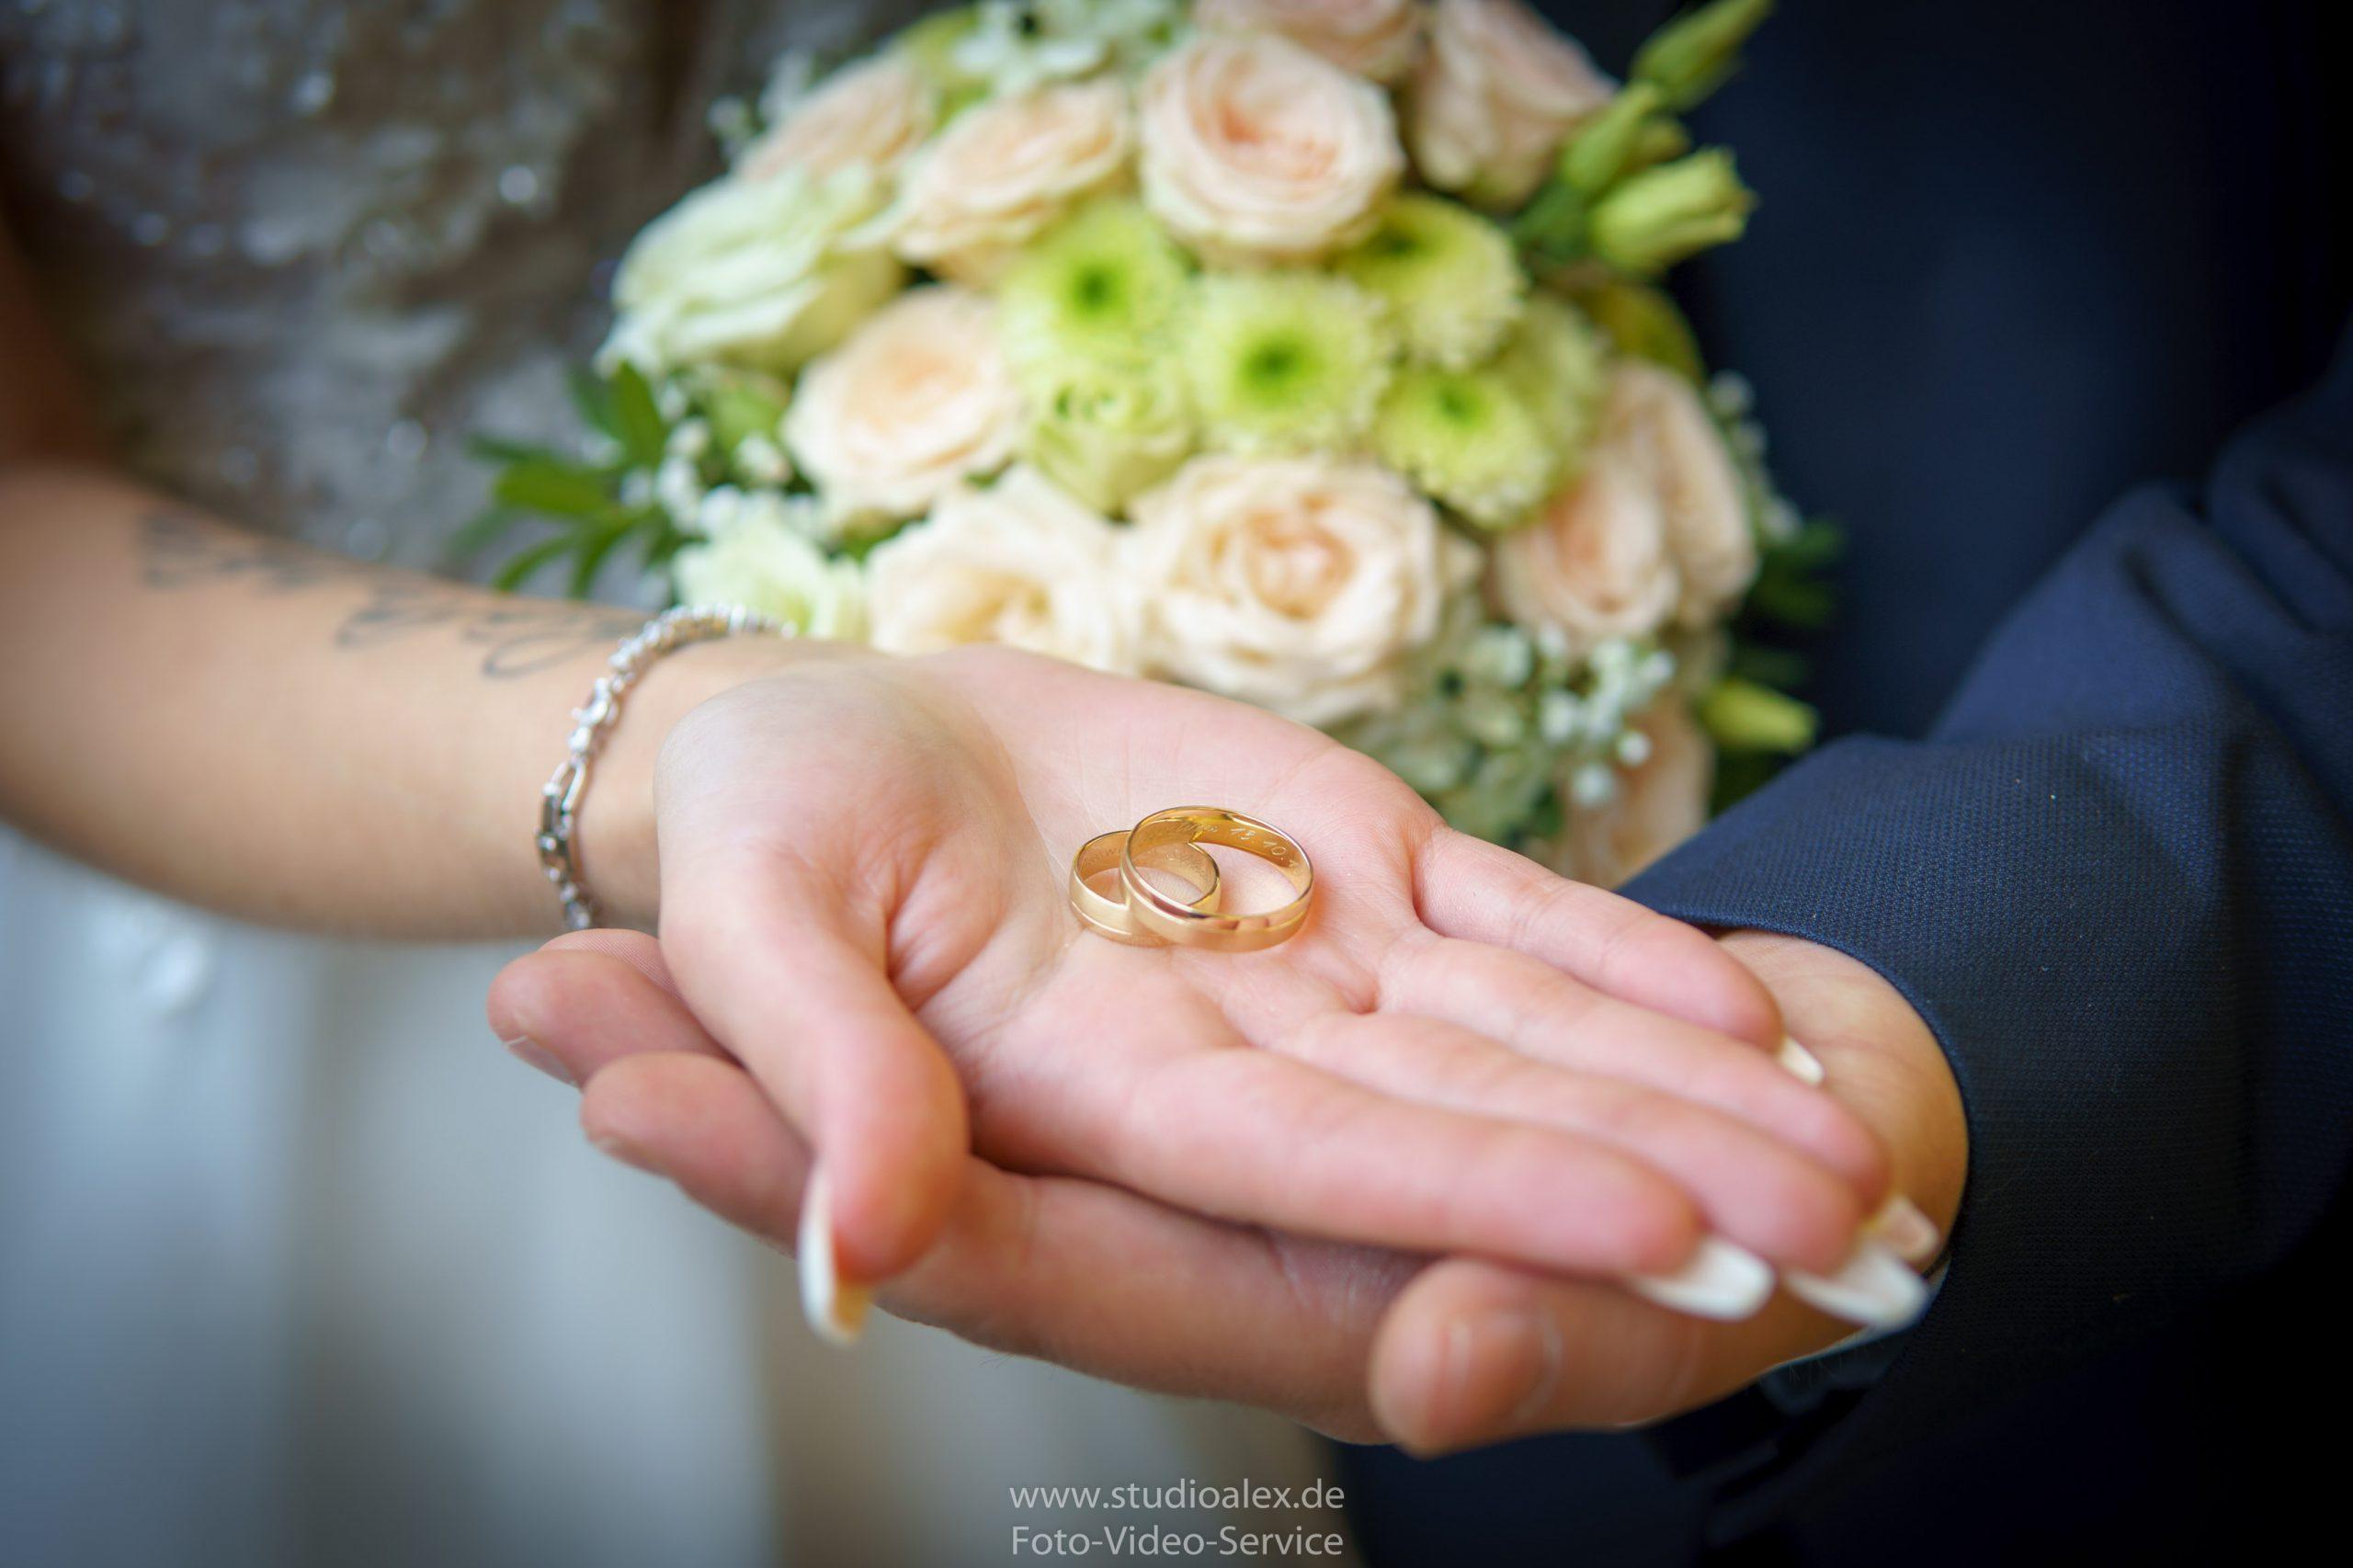 Hochzeitsfotograf-Amberg-Hochzeitsfotografie-Amberg-Hochzeitsfotos-Amberg-Hochzeitsbilder-Amberg-Fotograf-Hochzeit-Amberg-06480-scaled.jpg